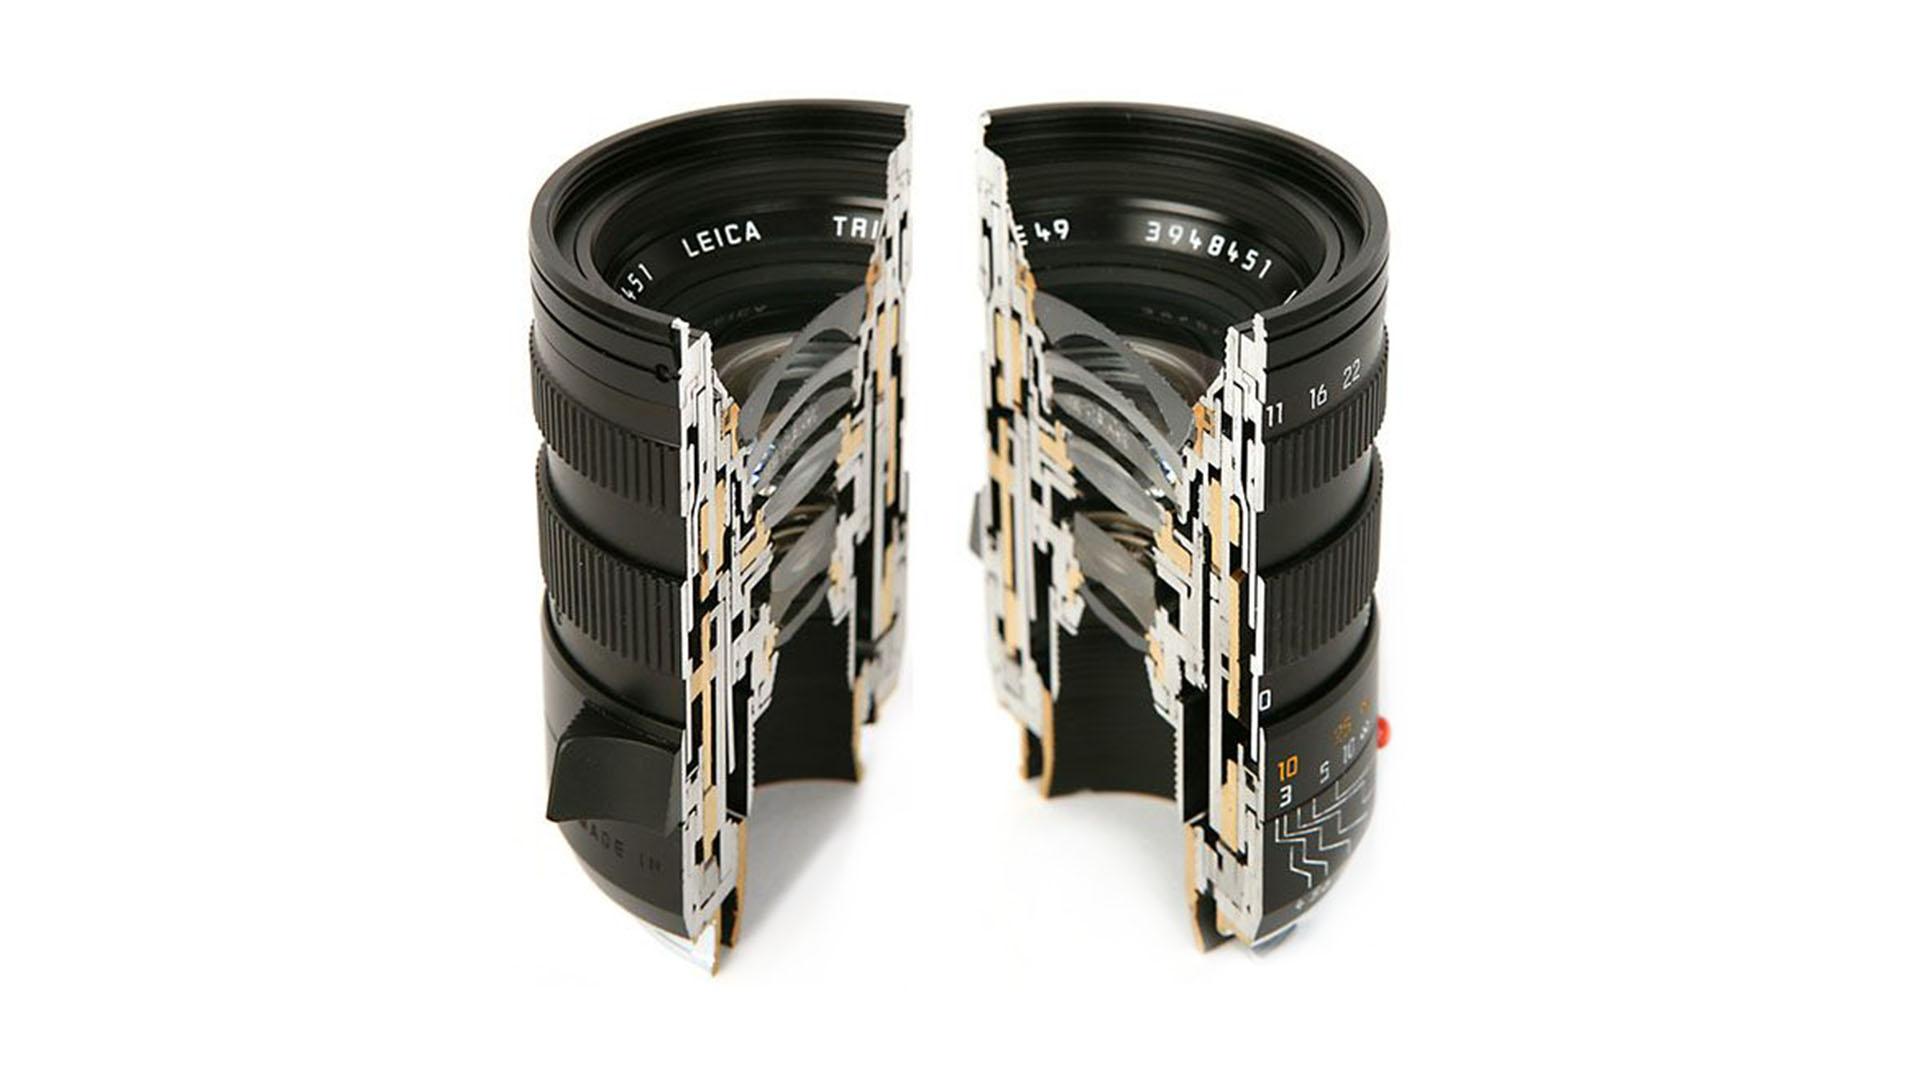 _0002_lens section.jpg